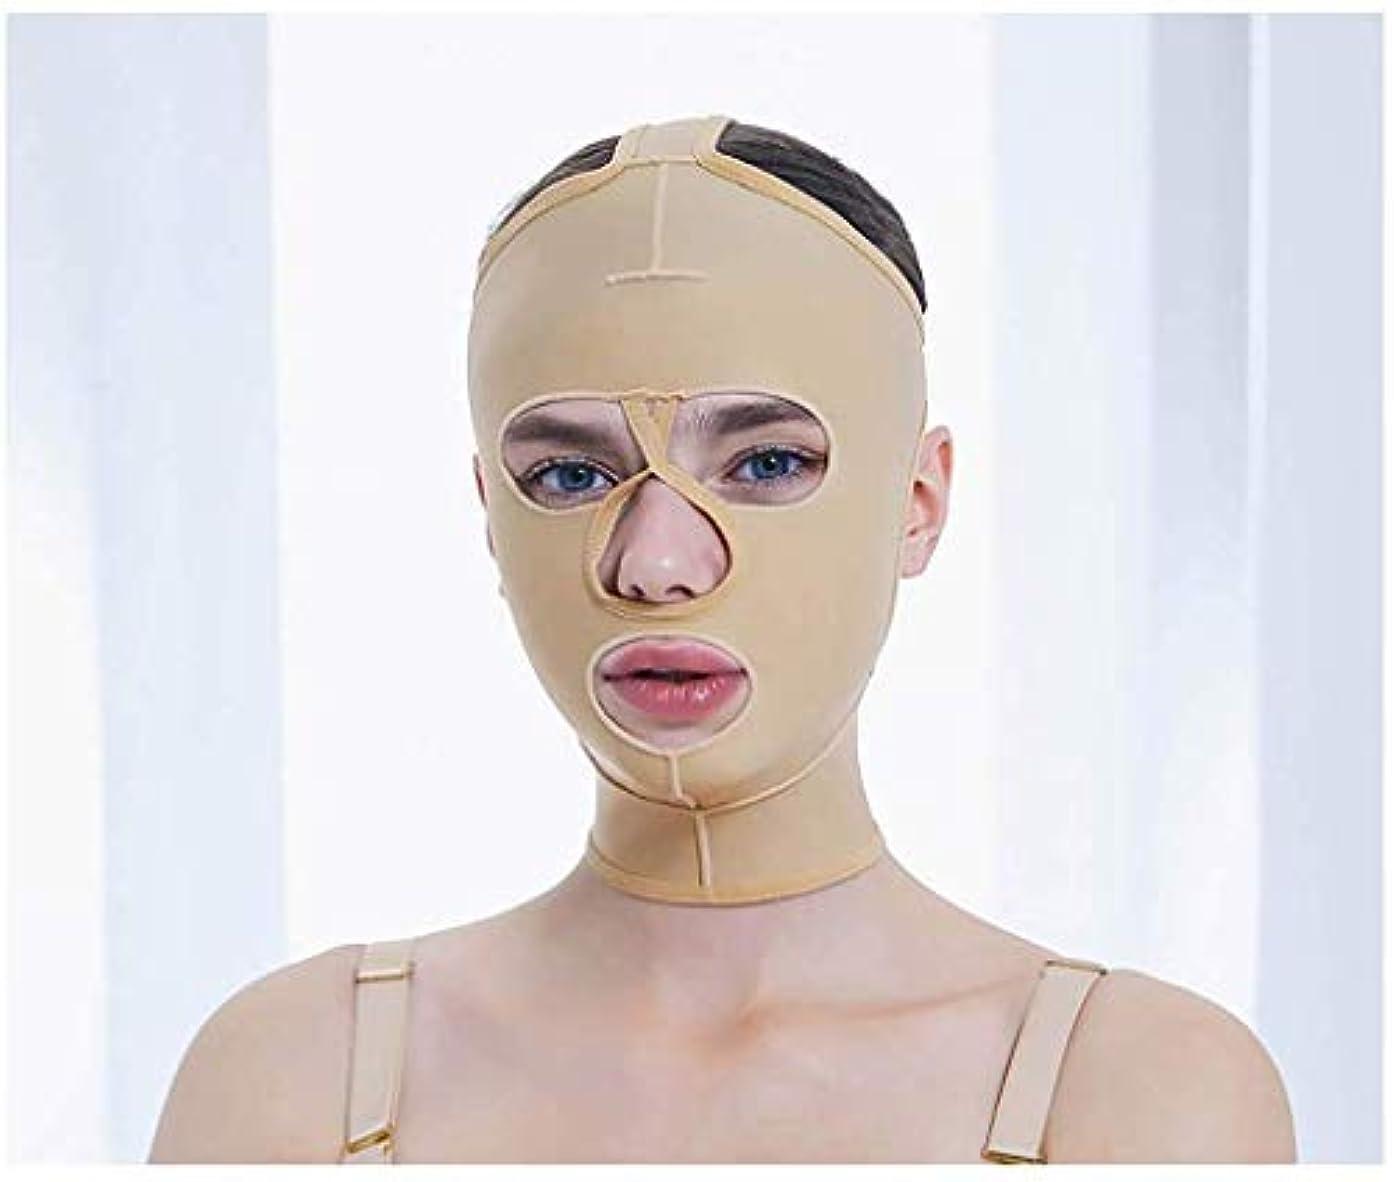 科学者不適ドキュメンタリー美容と実用的な顔と首のリフト、減量フェイスマスク脂肪吸引術脂肪吸引術シェーピングマスクフードフェイスリフティングアーティファクトVフェイスビームフェイス弾性スリーブ(サイズ:XXL)